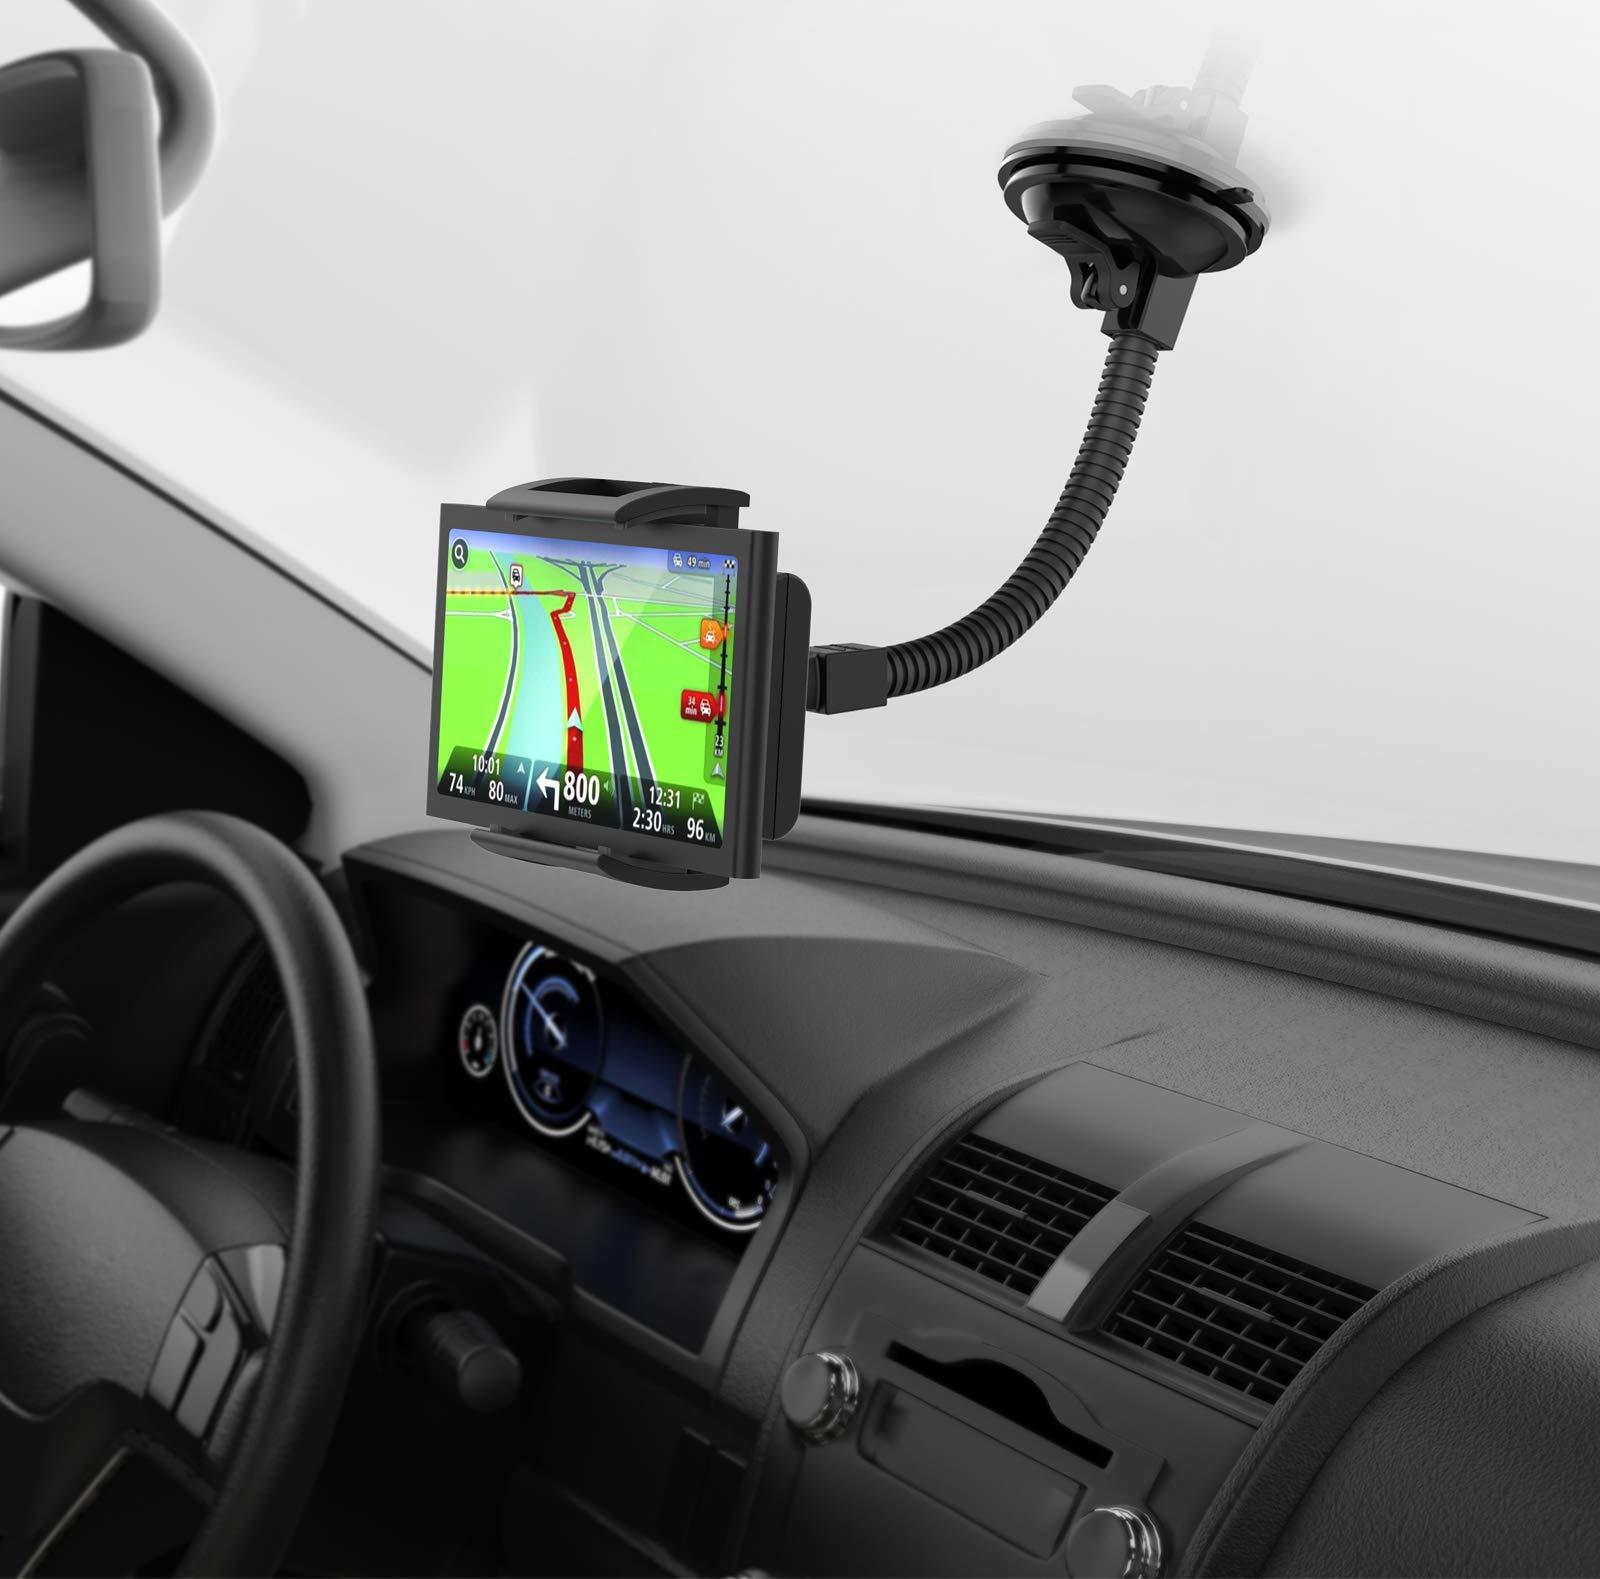 MONTOLA-Capto-X3-KFZ-Universal-Halter-PKW-Halterung-Schwanenhals-Navi-GPS